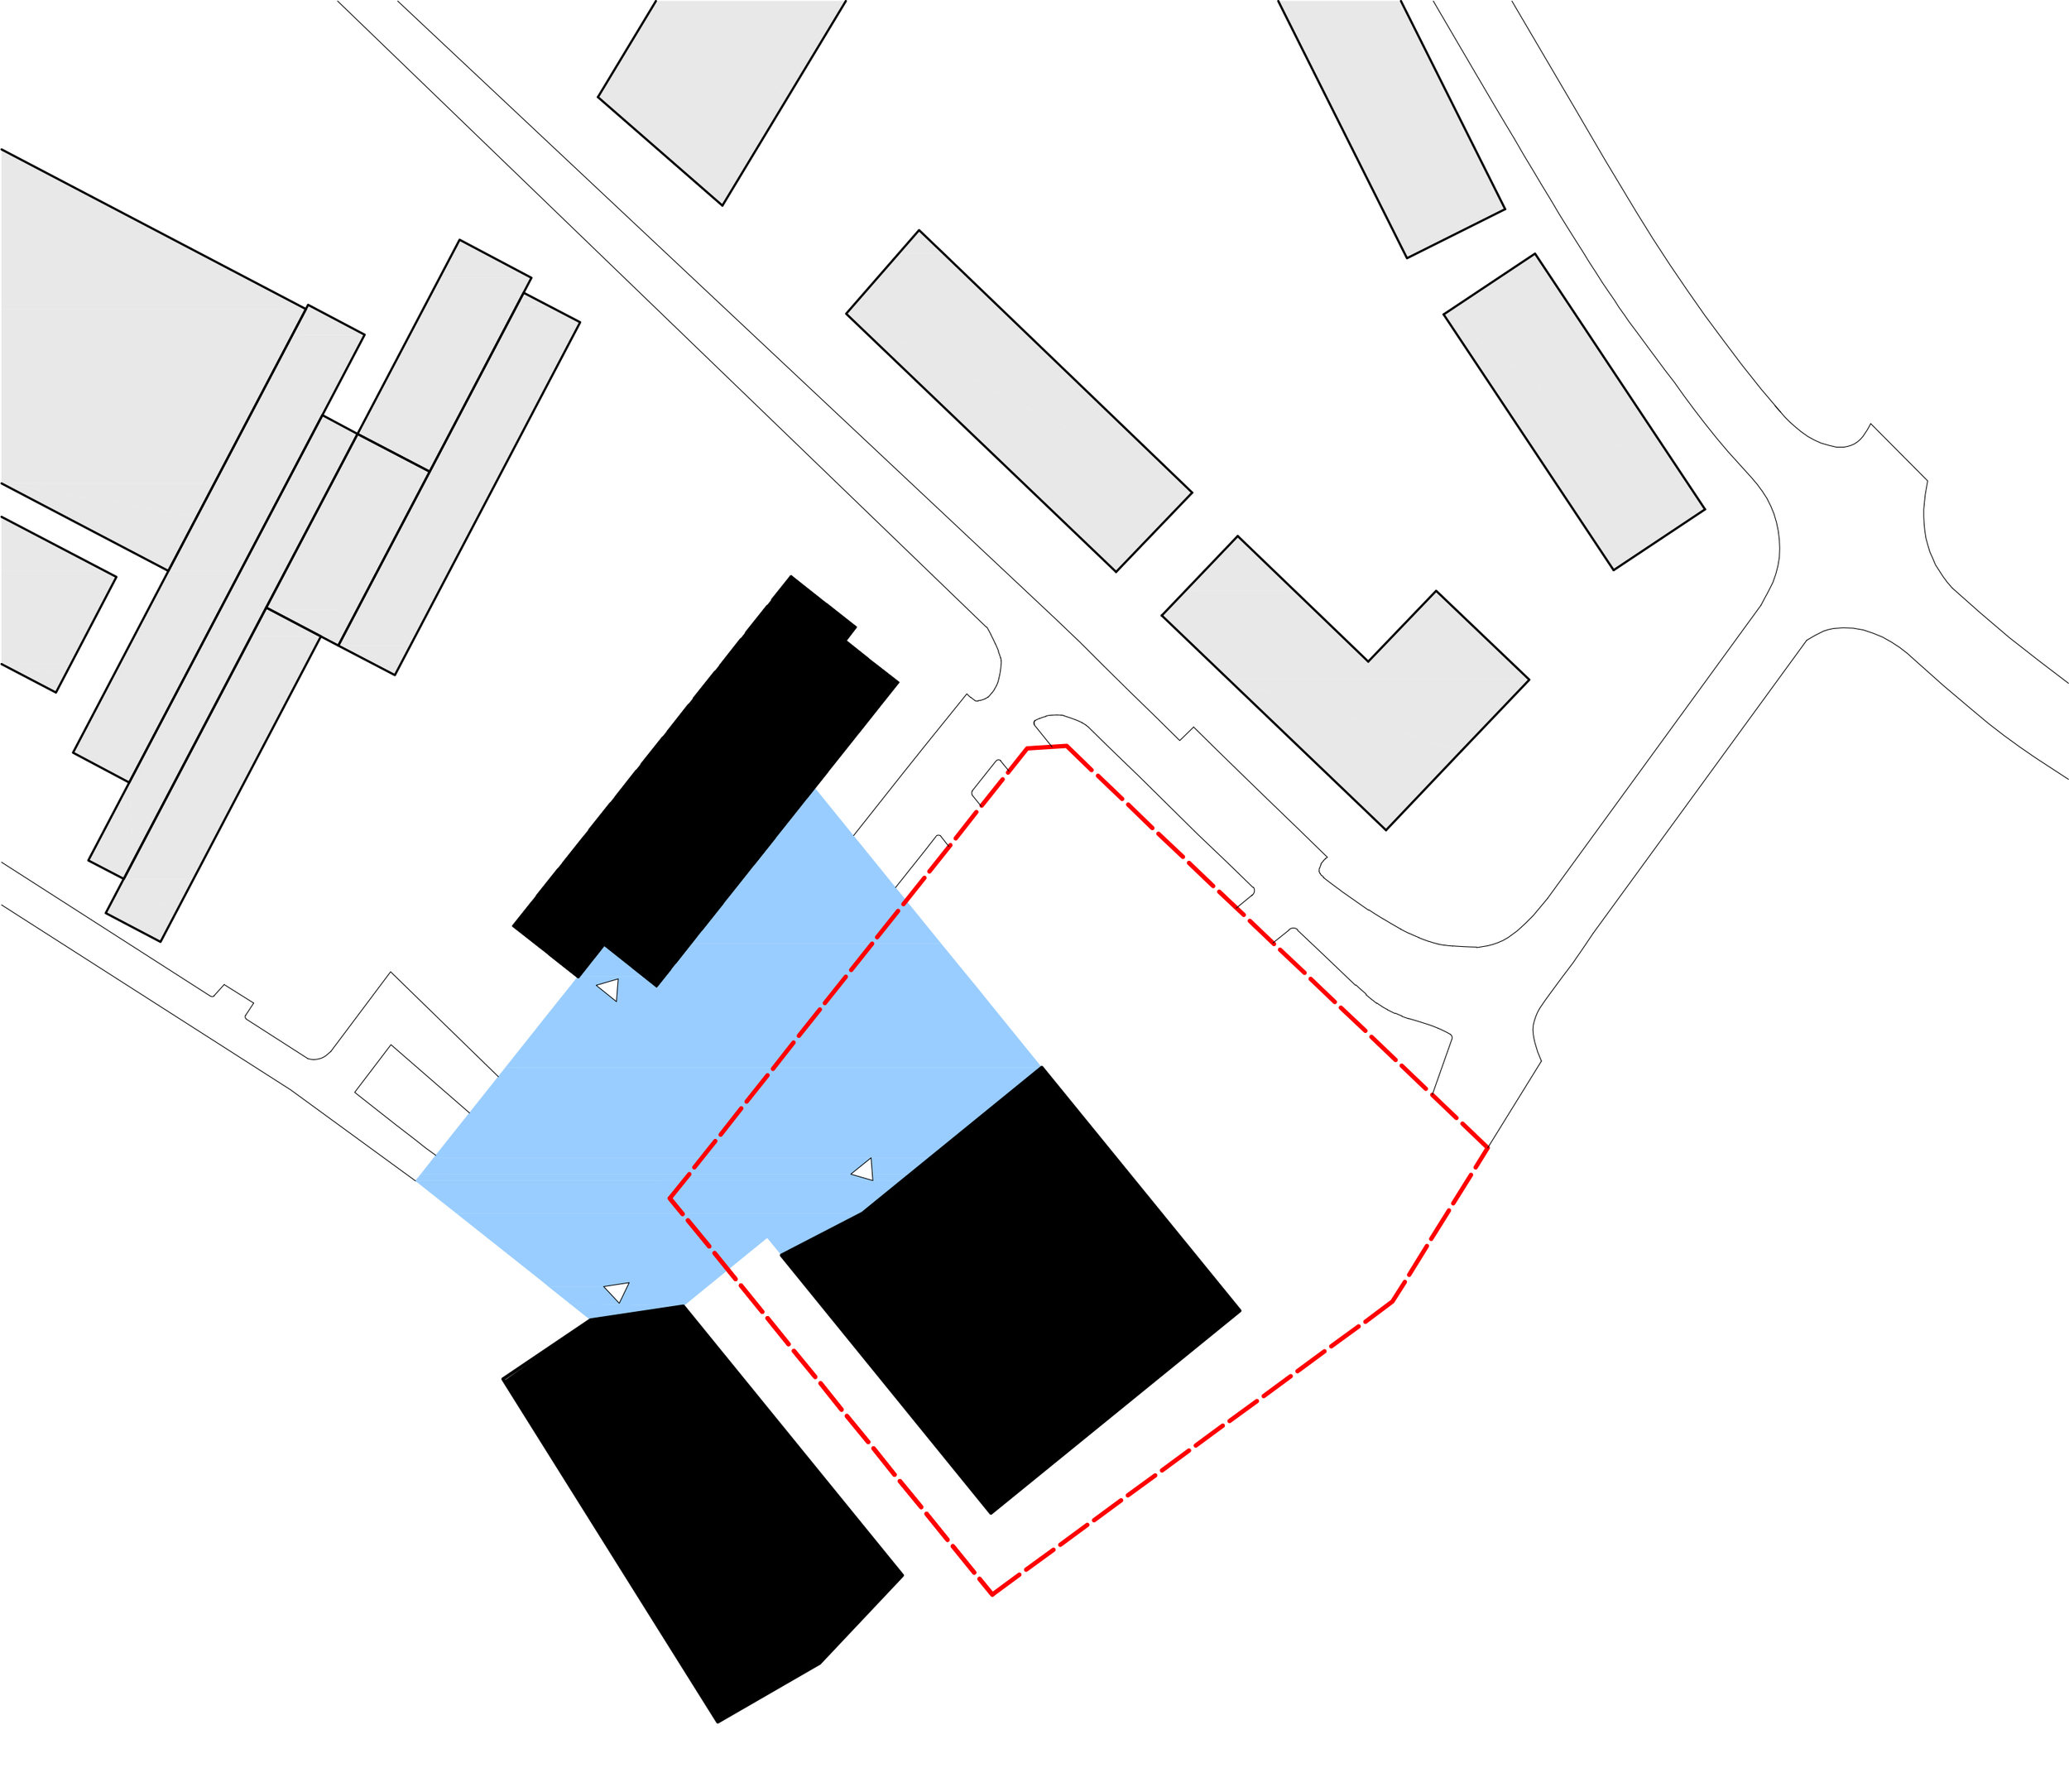 Der Veranstaltungssaal, der Kindergarten und die zukünftige Schulerweiterung formen ein Ensemble öffentlicher Gebäude. Alle drei Gebäude liegen an einem gemeinsamen Platz.